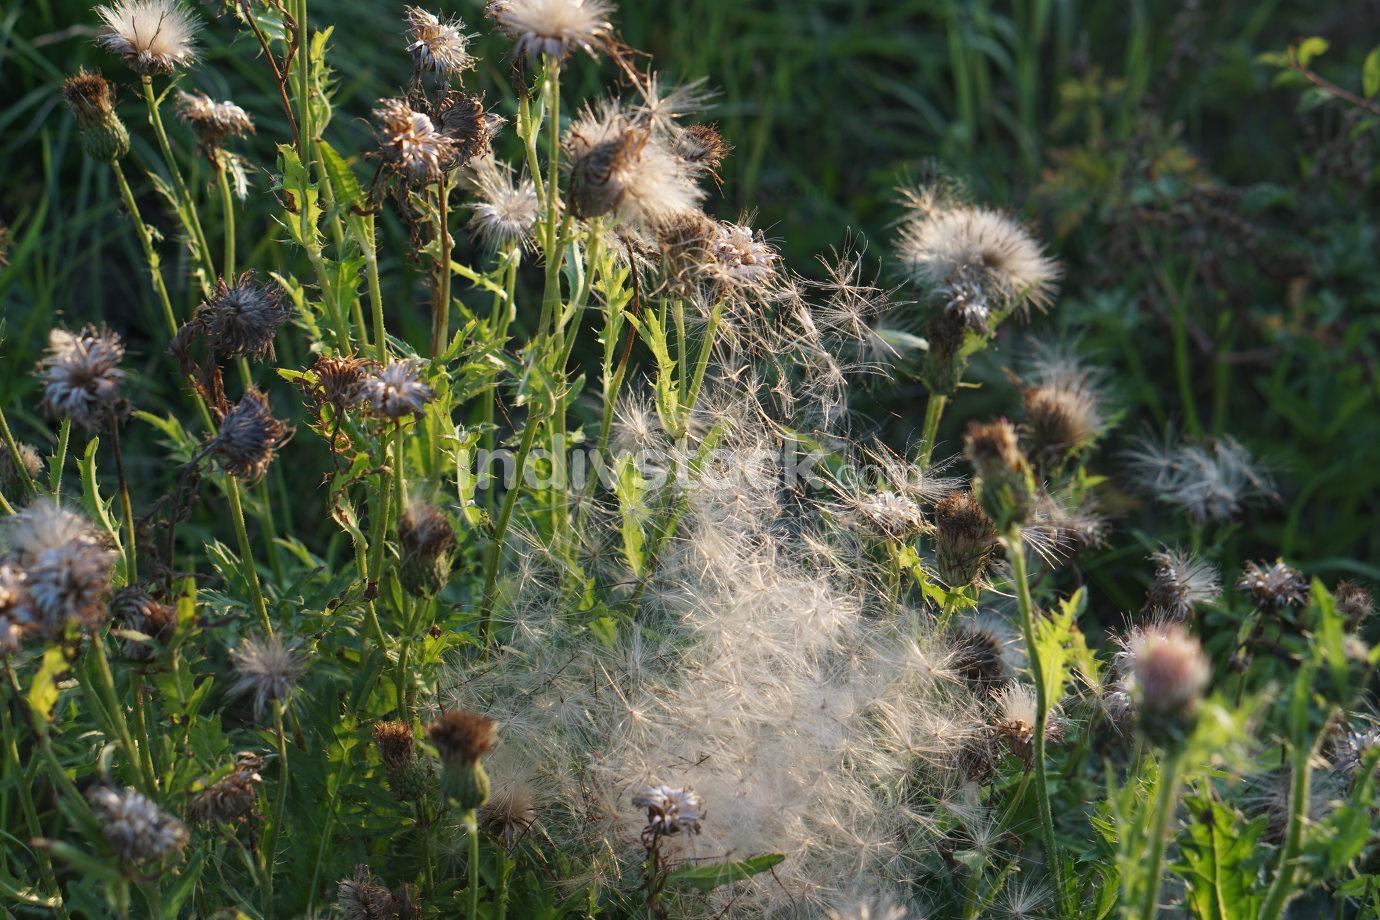 natural dandelion in green spring garden background